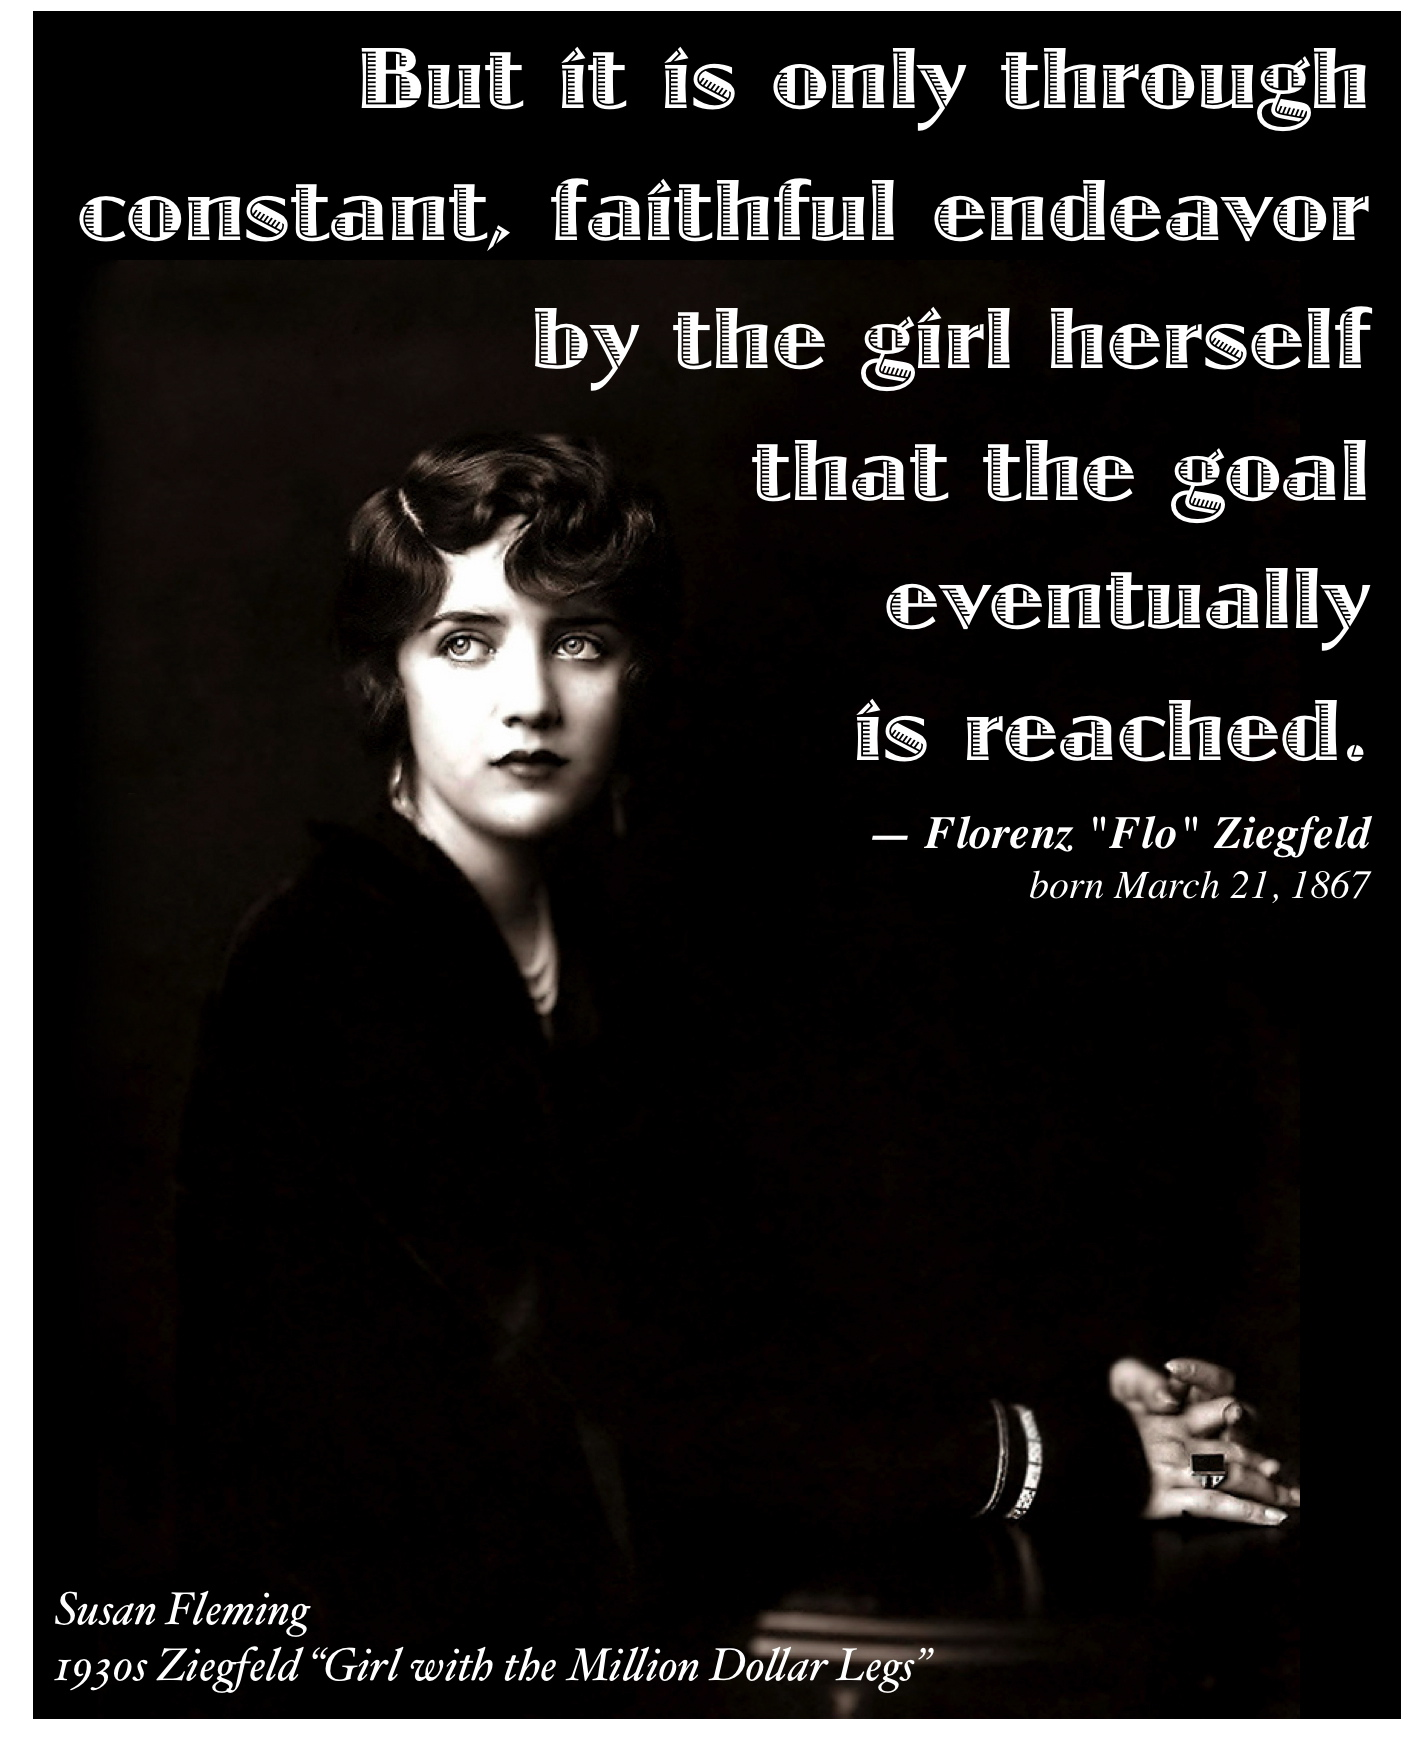 Florenz Ziegfeld's quote